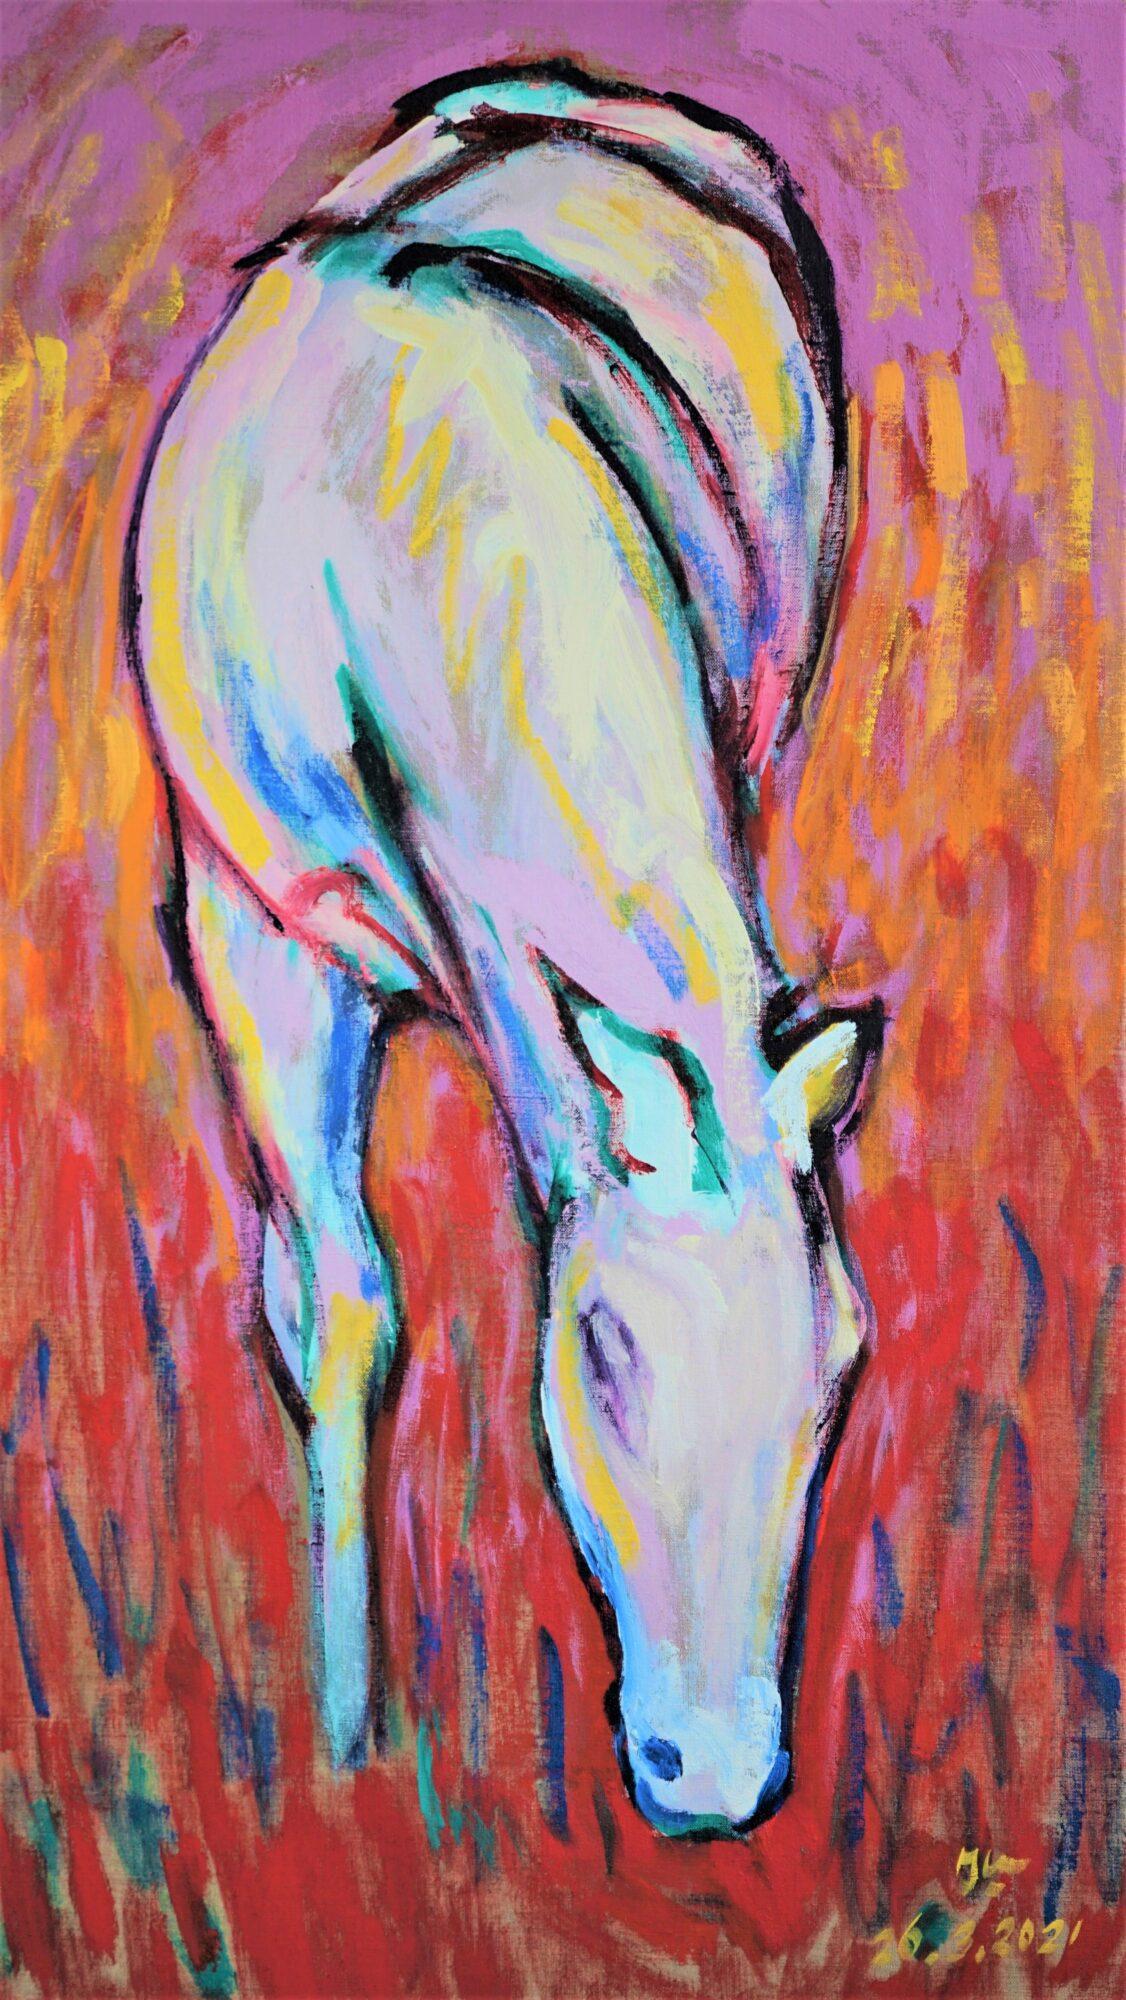 Nieuwe deelnemer Kunstkamer Vaassen heeft fascinatie voor paarden en spechten